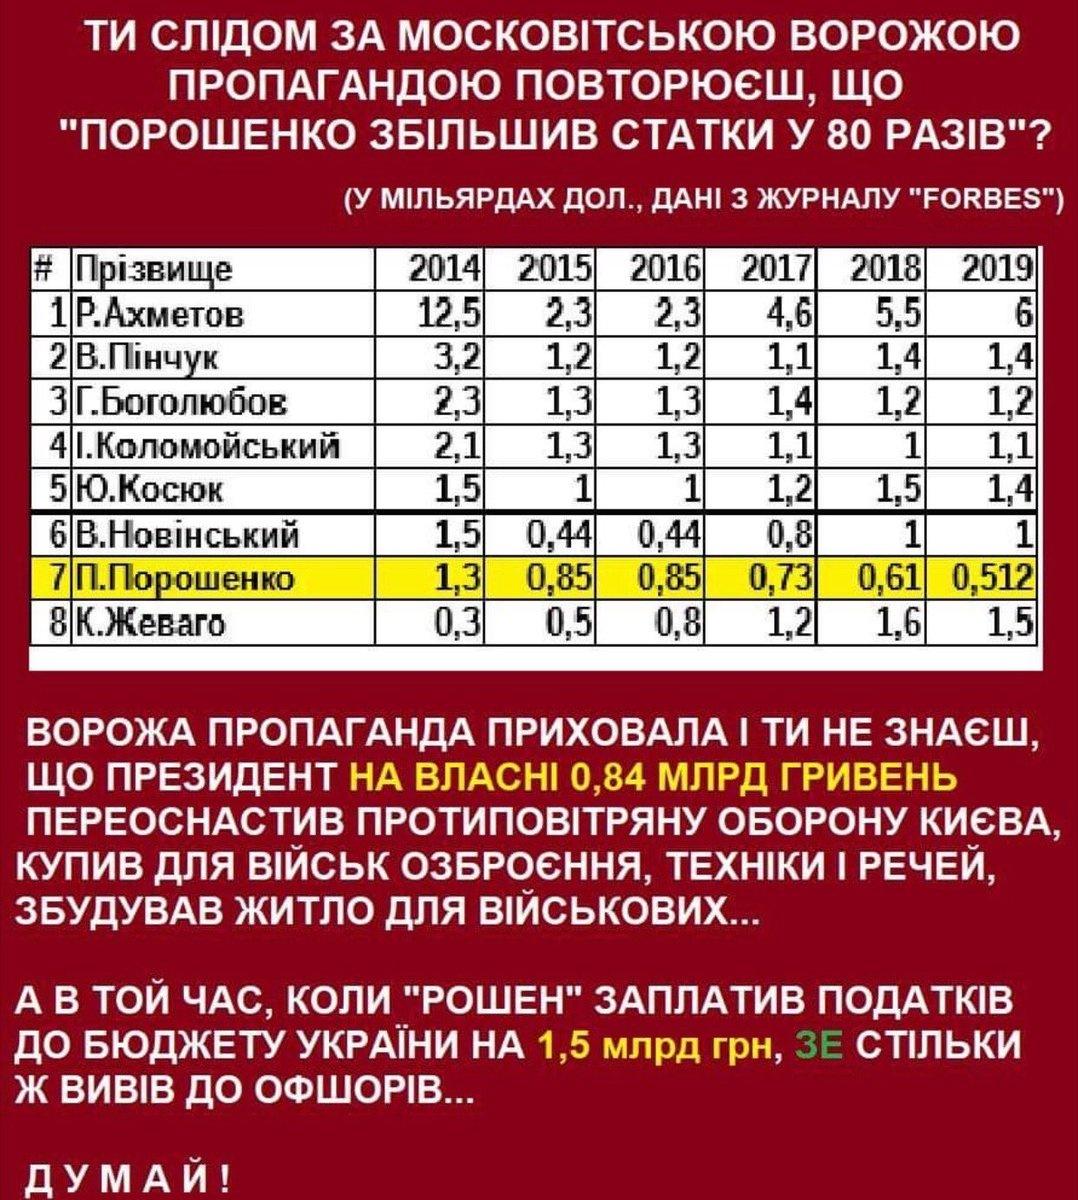 Росія через соцмережі впливає на вибори до Європарламенту, але менш активно, ніж у США та Франції, - розвідка ЄС - Цензор.НЕТ 2627